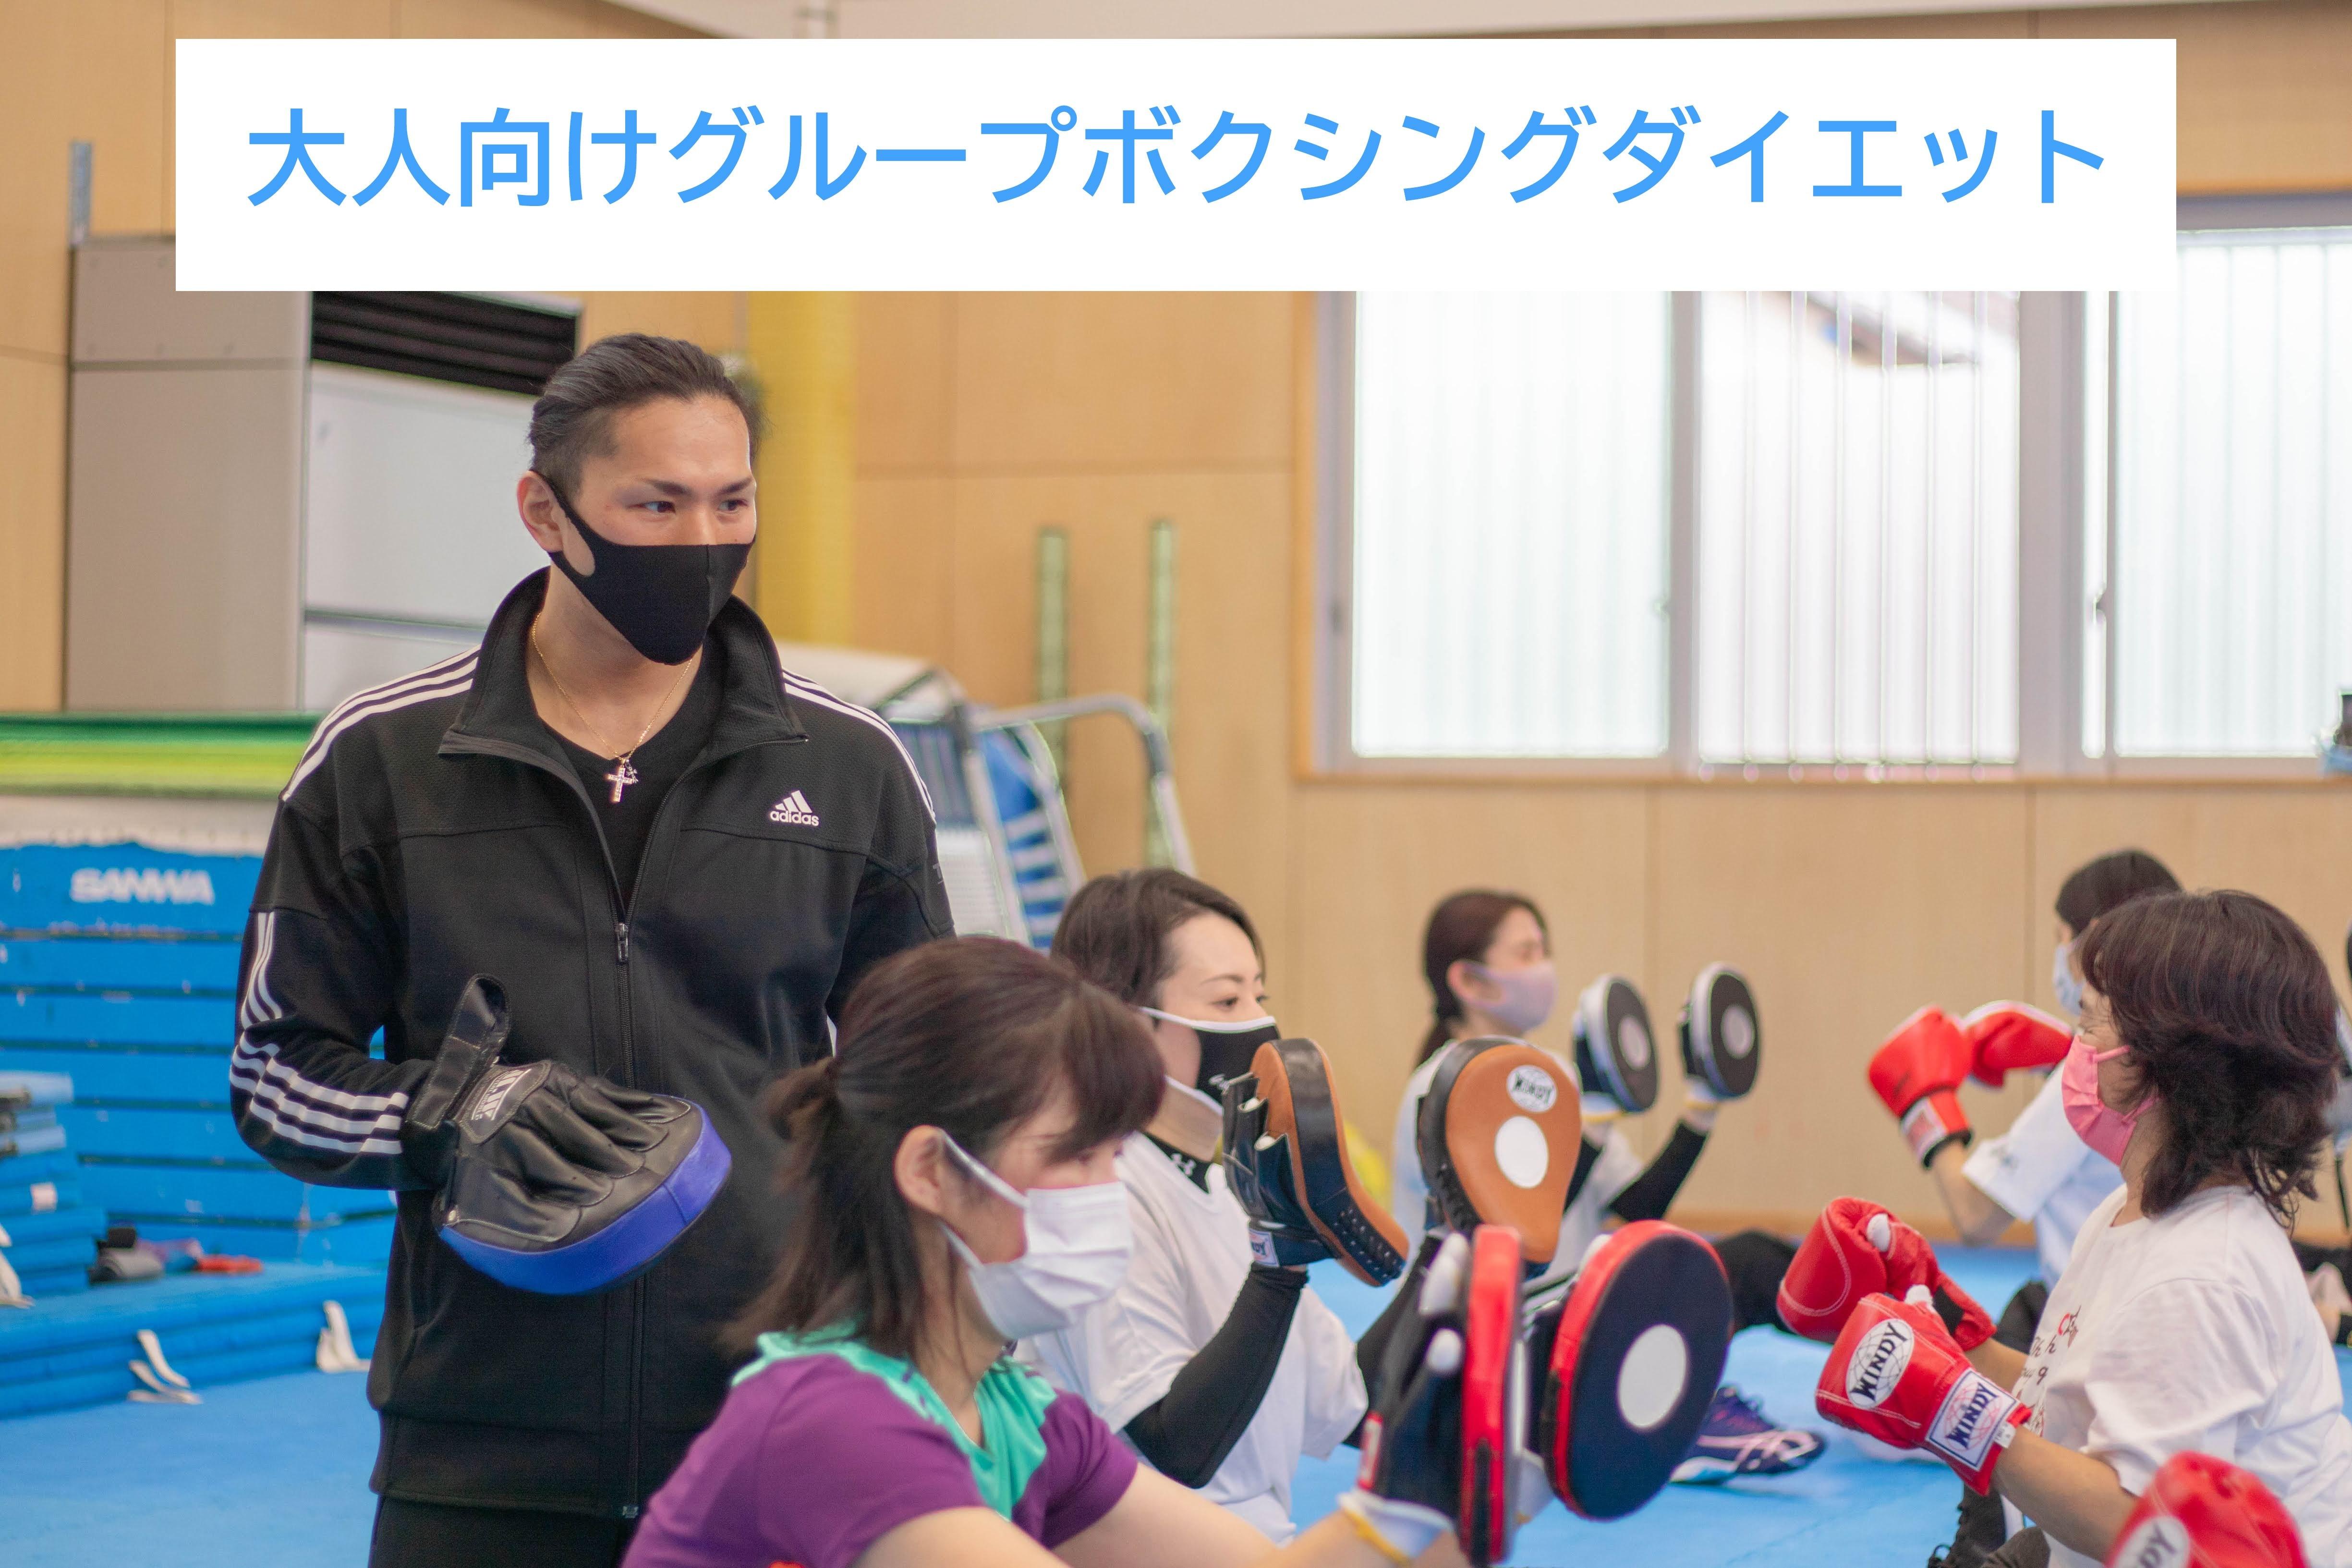 8/29 大人向けのグループボクシングダイエットのイメージその1